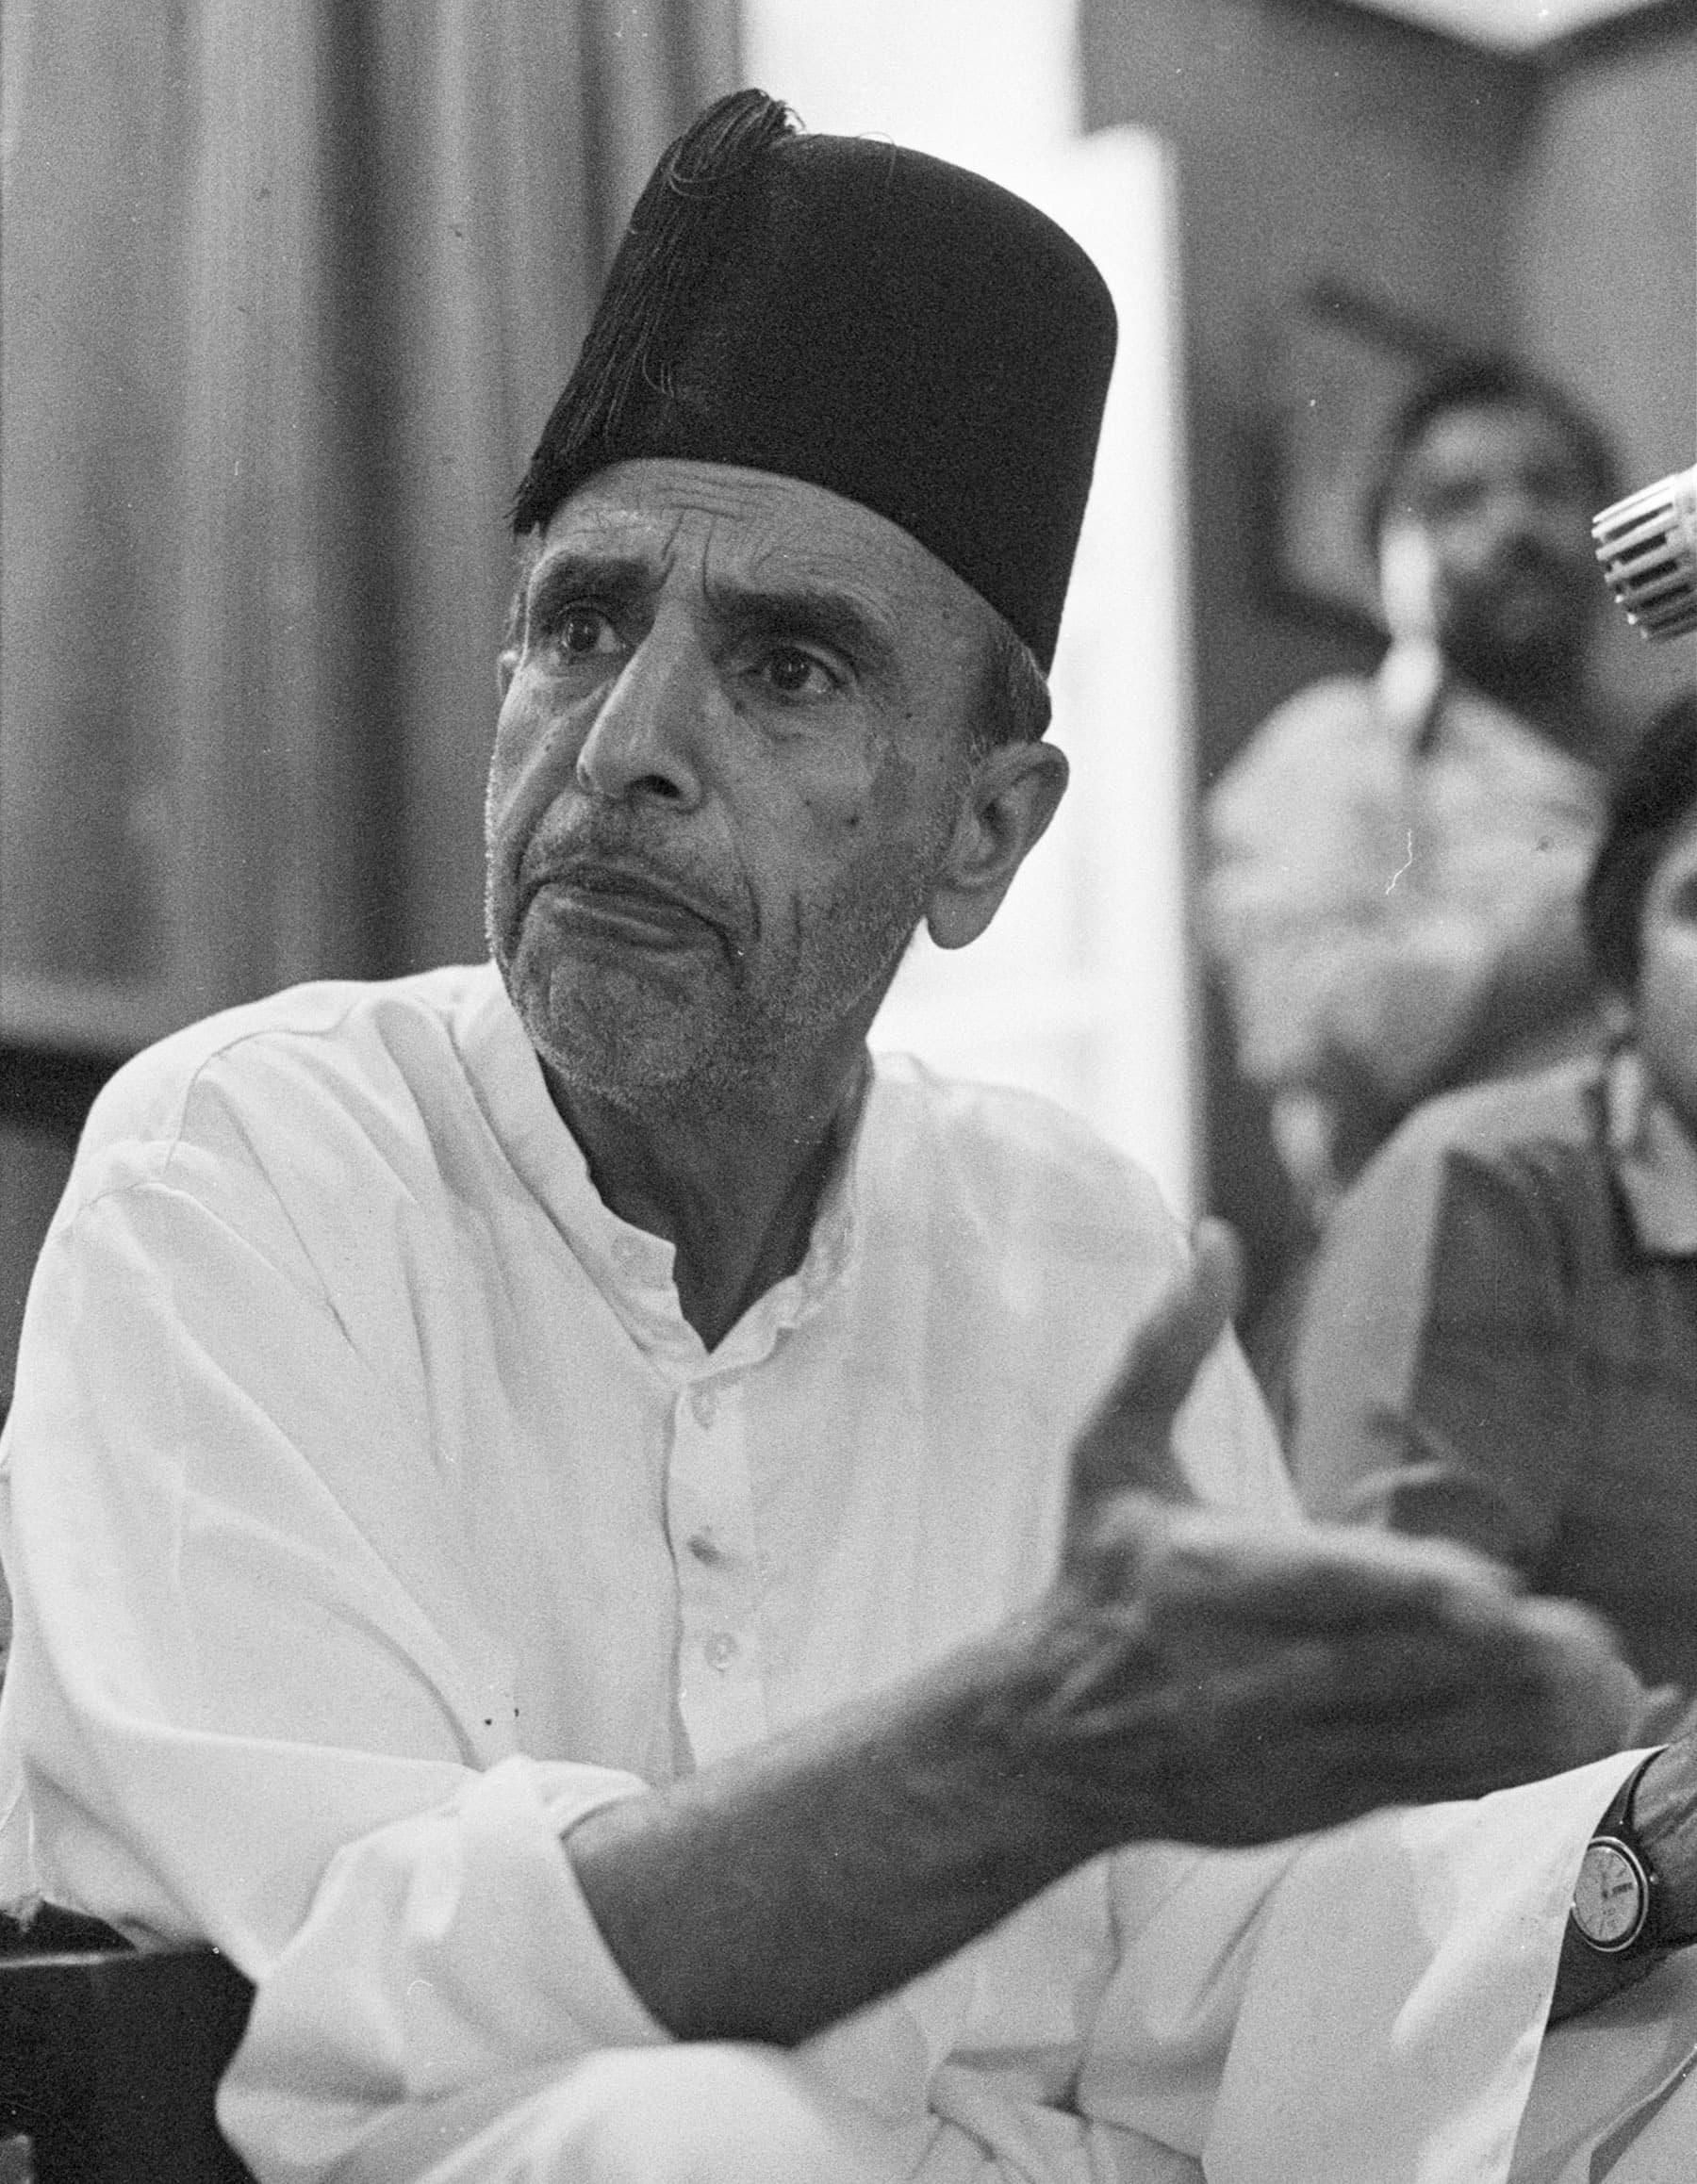 18 اپریل 1985ء پاکستان ڈیموکریٹک پارٹی کے رہنما نوابزادہ نصراللہ خان کراچی پریس کلب کے جلیس ہال میں میٹ دی پریس پروگرام میں مخاطب ہیں— تصویر بشکریہ زاہد حسین